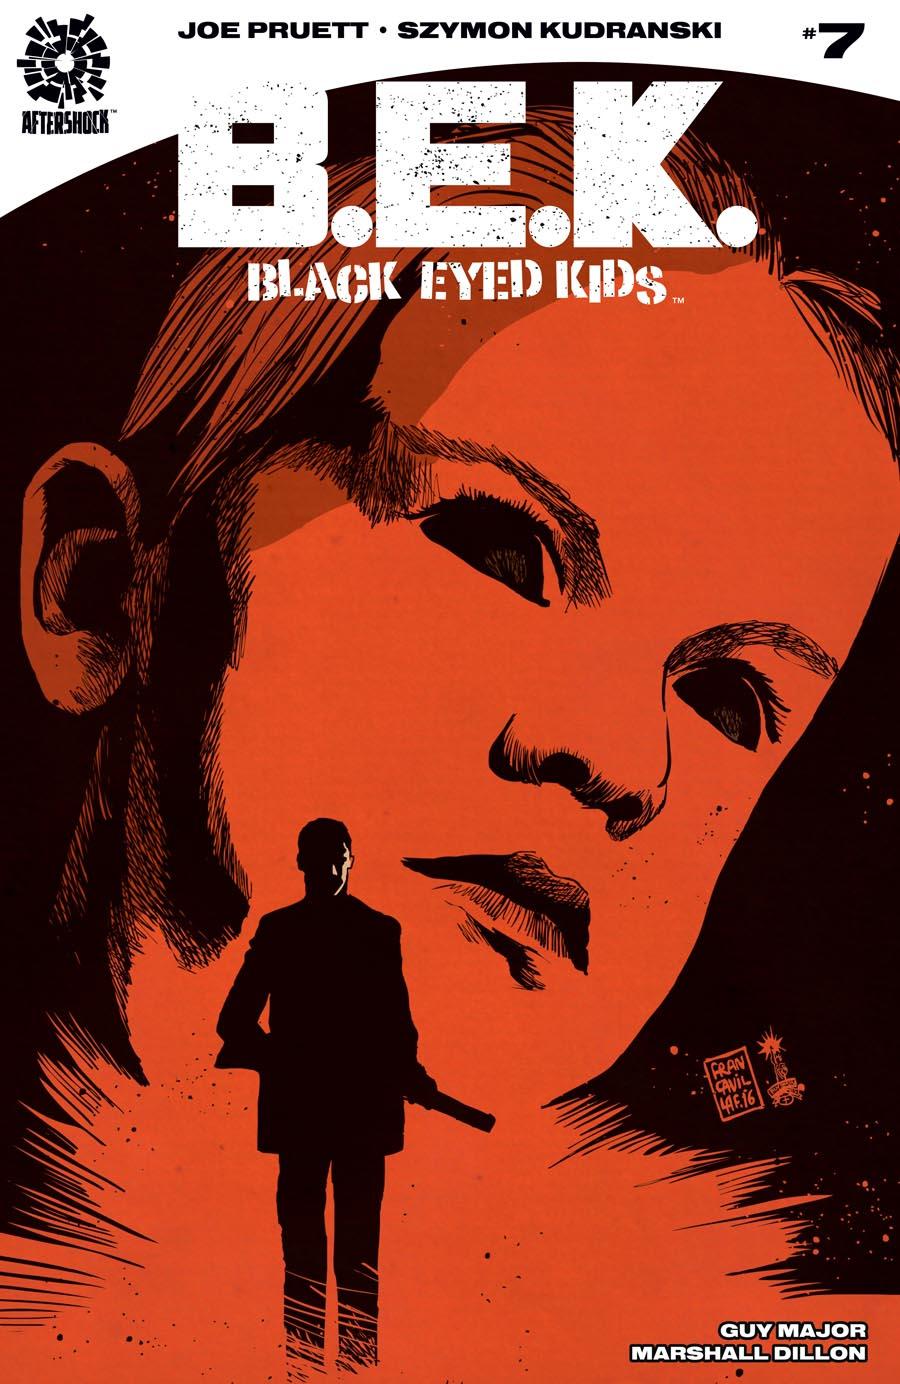 Black Eyed Kids